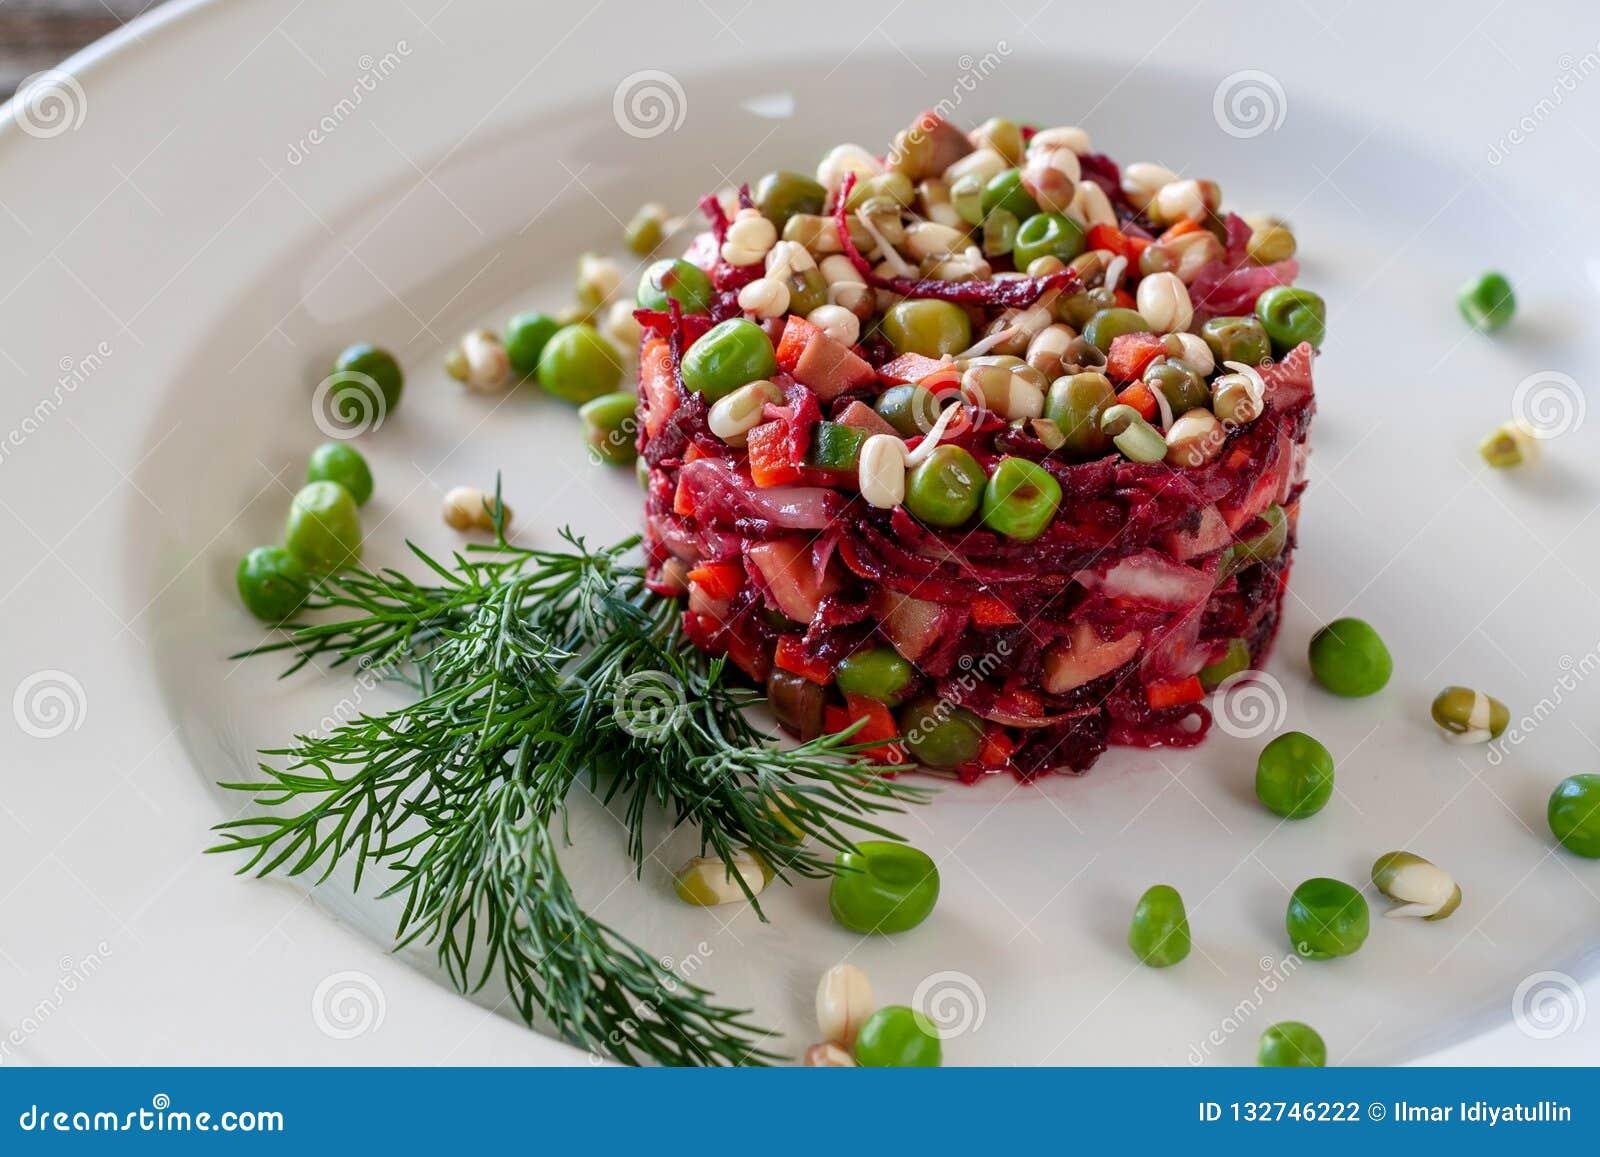 Χορτοφάγο πιάτο: Σαλάτα Vinaigrette των τεύτλων, καρότα, sauerkraut